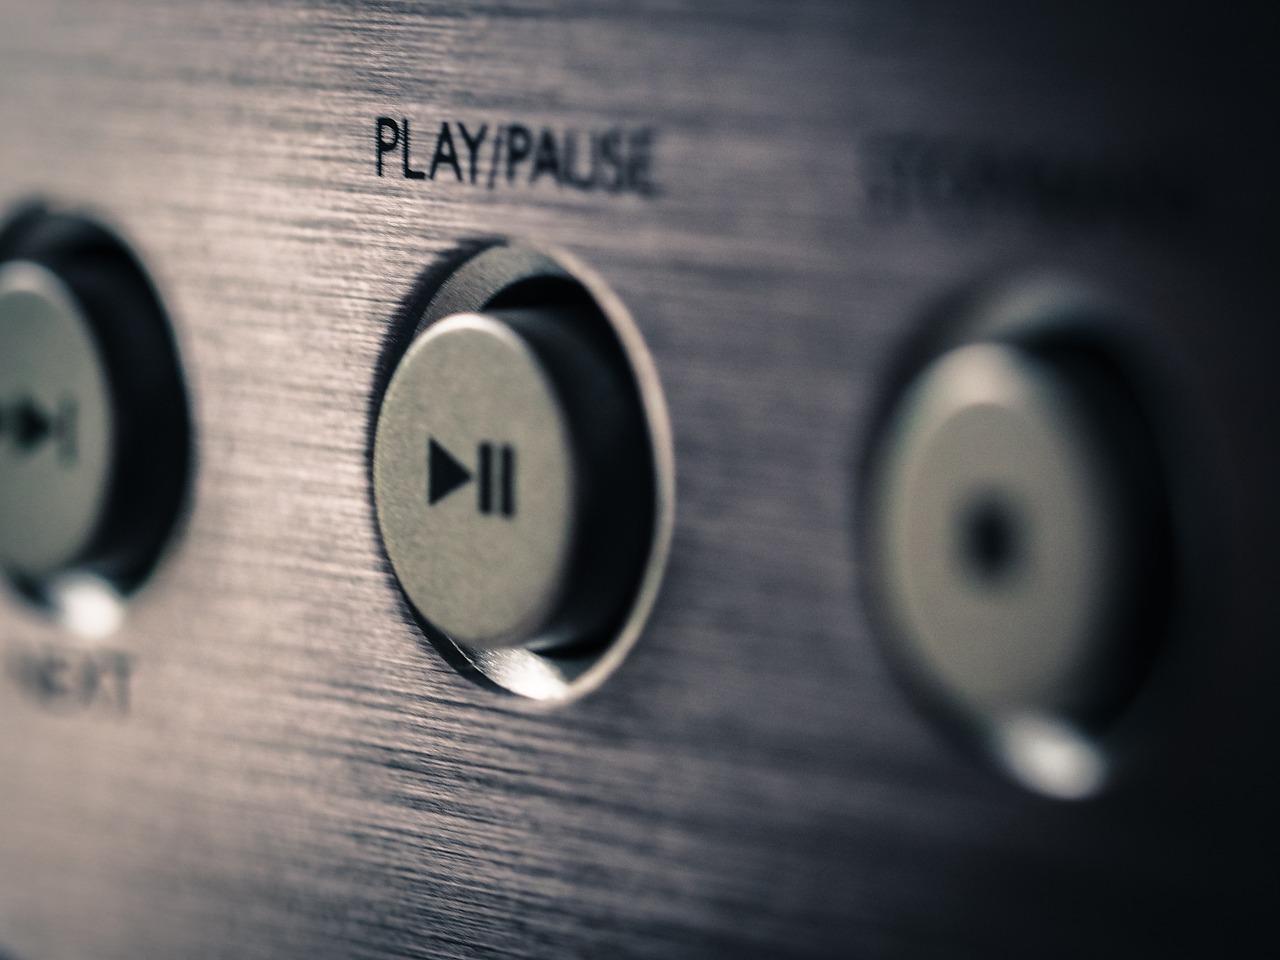 Ist der Download von Musikdateien von Videoportalen legal?